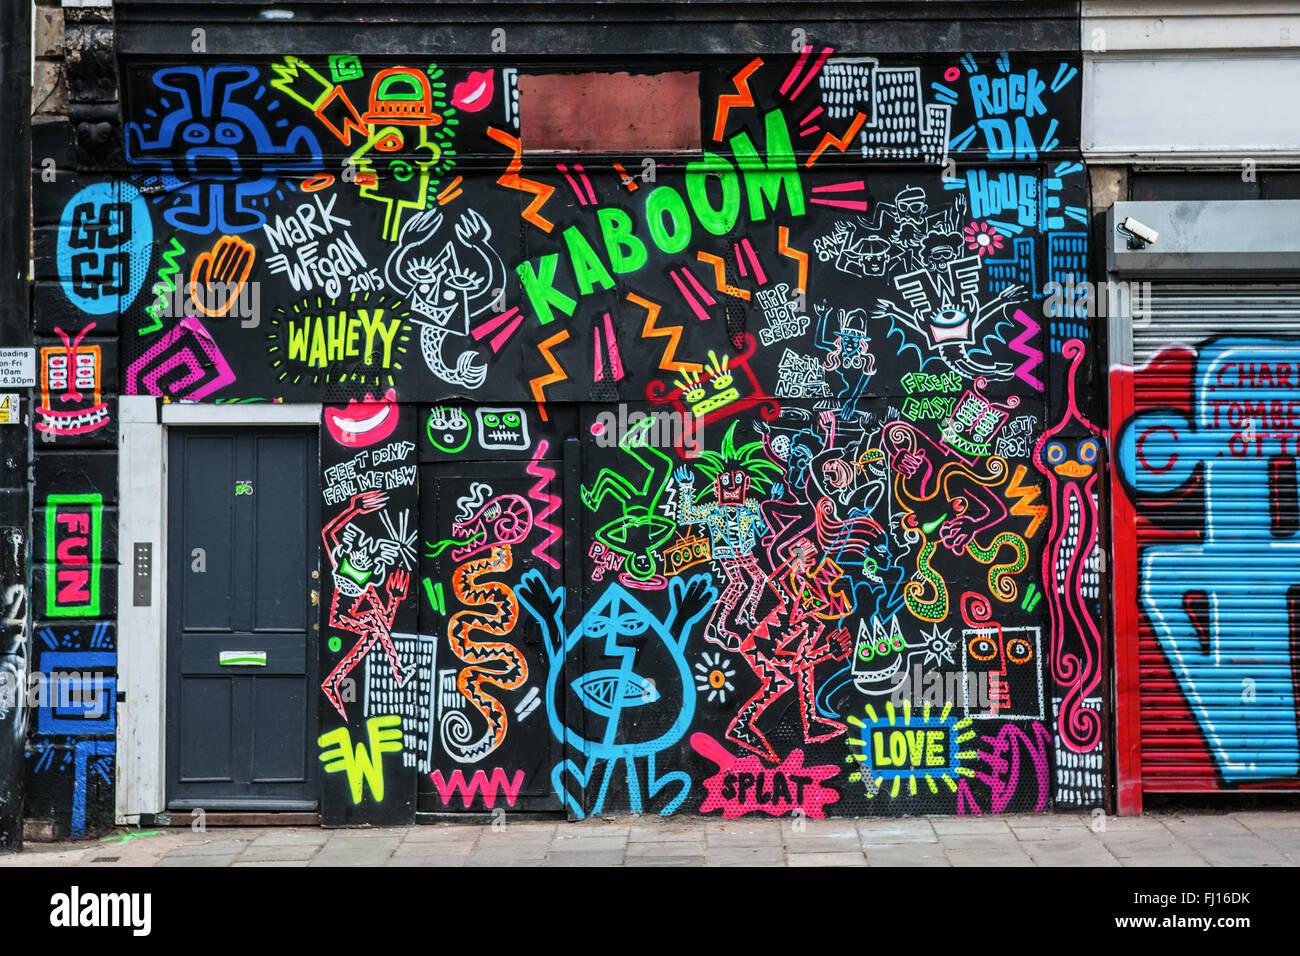 Colourful graffiti wall in Bristol - Stock Image